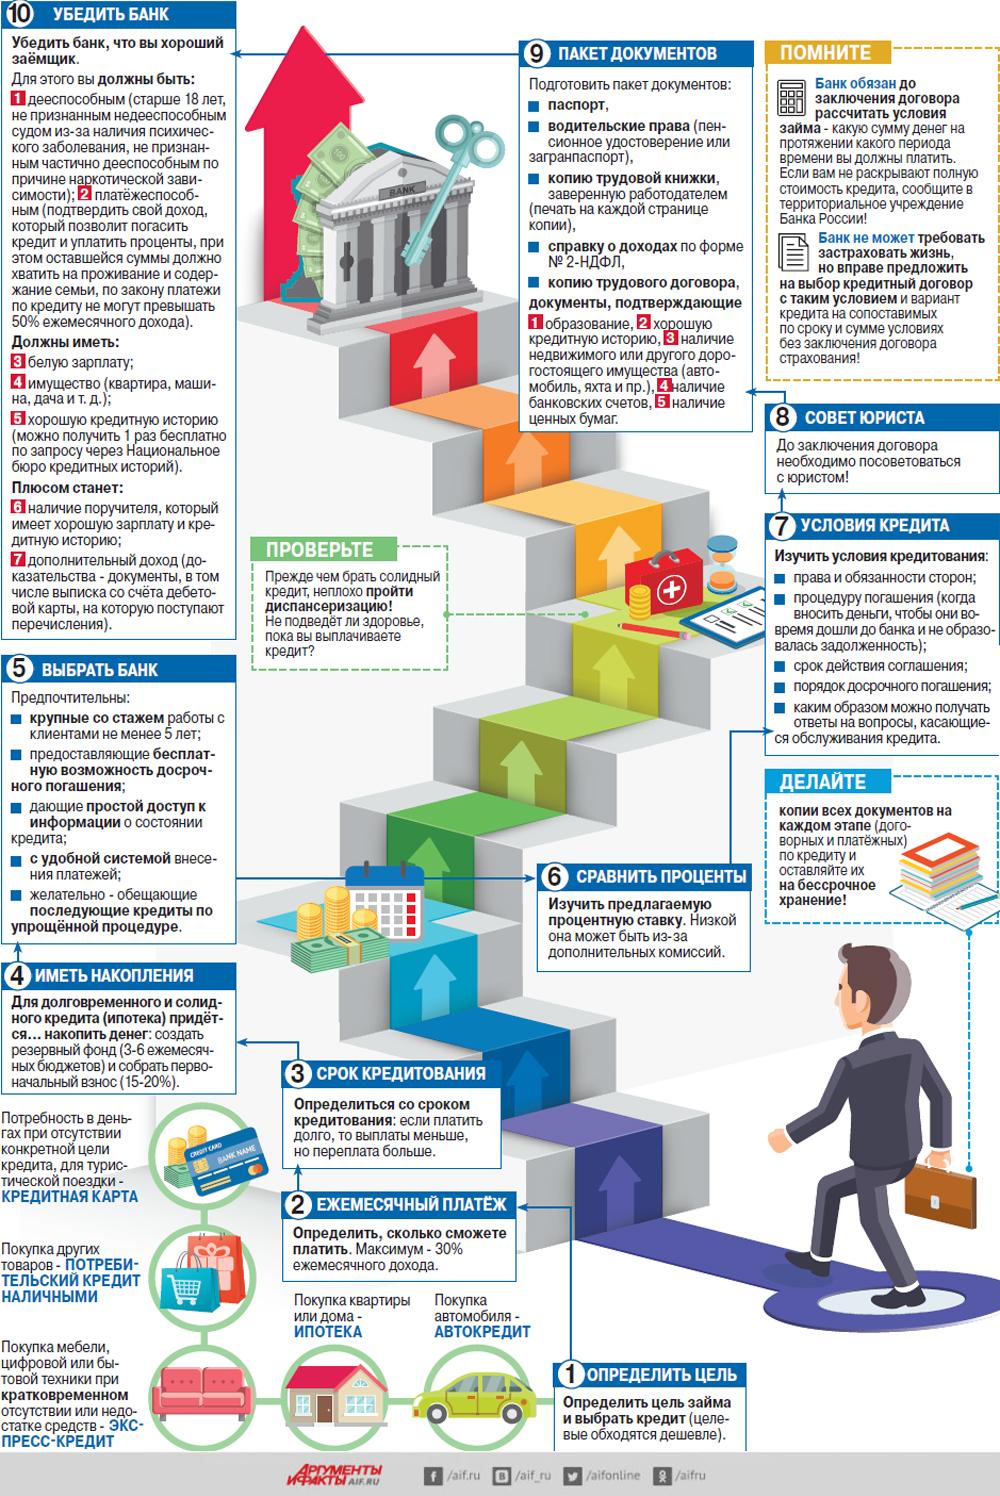 Как правильно взять кредит где взять кредит наличными в банке